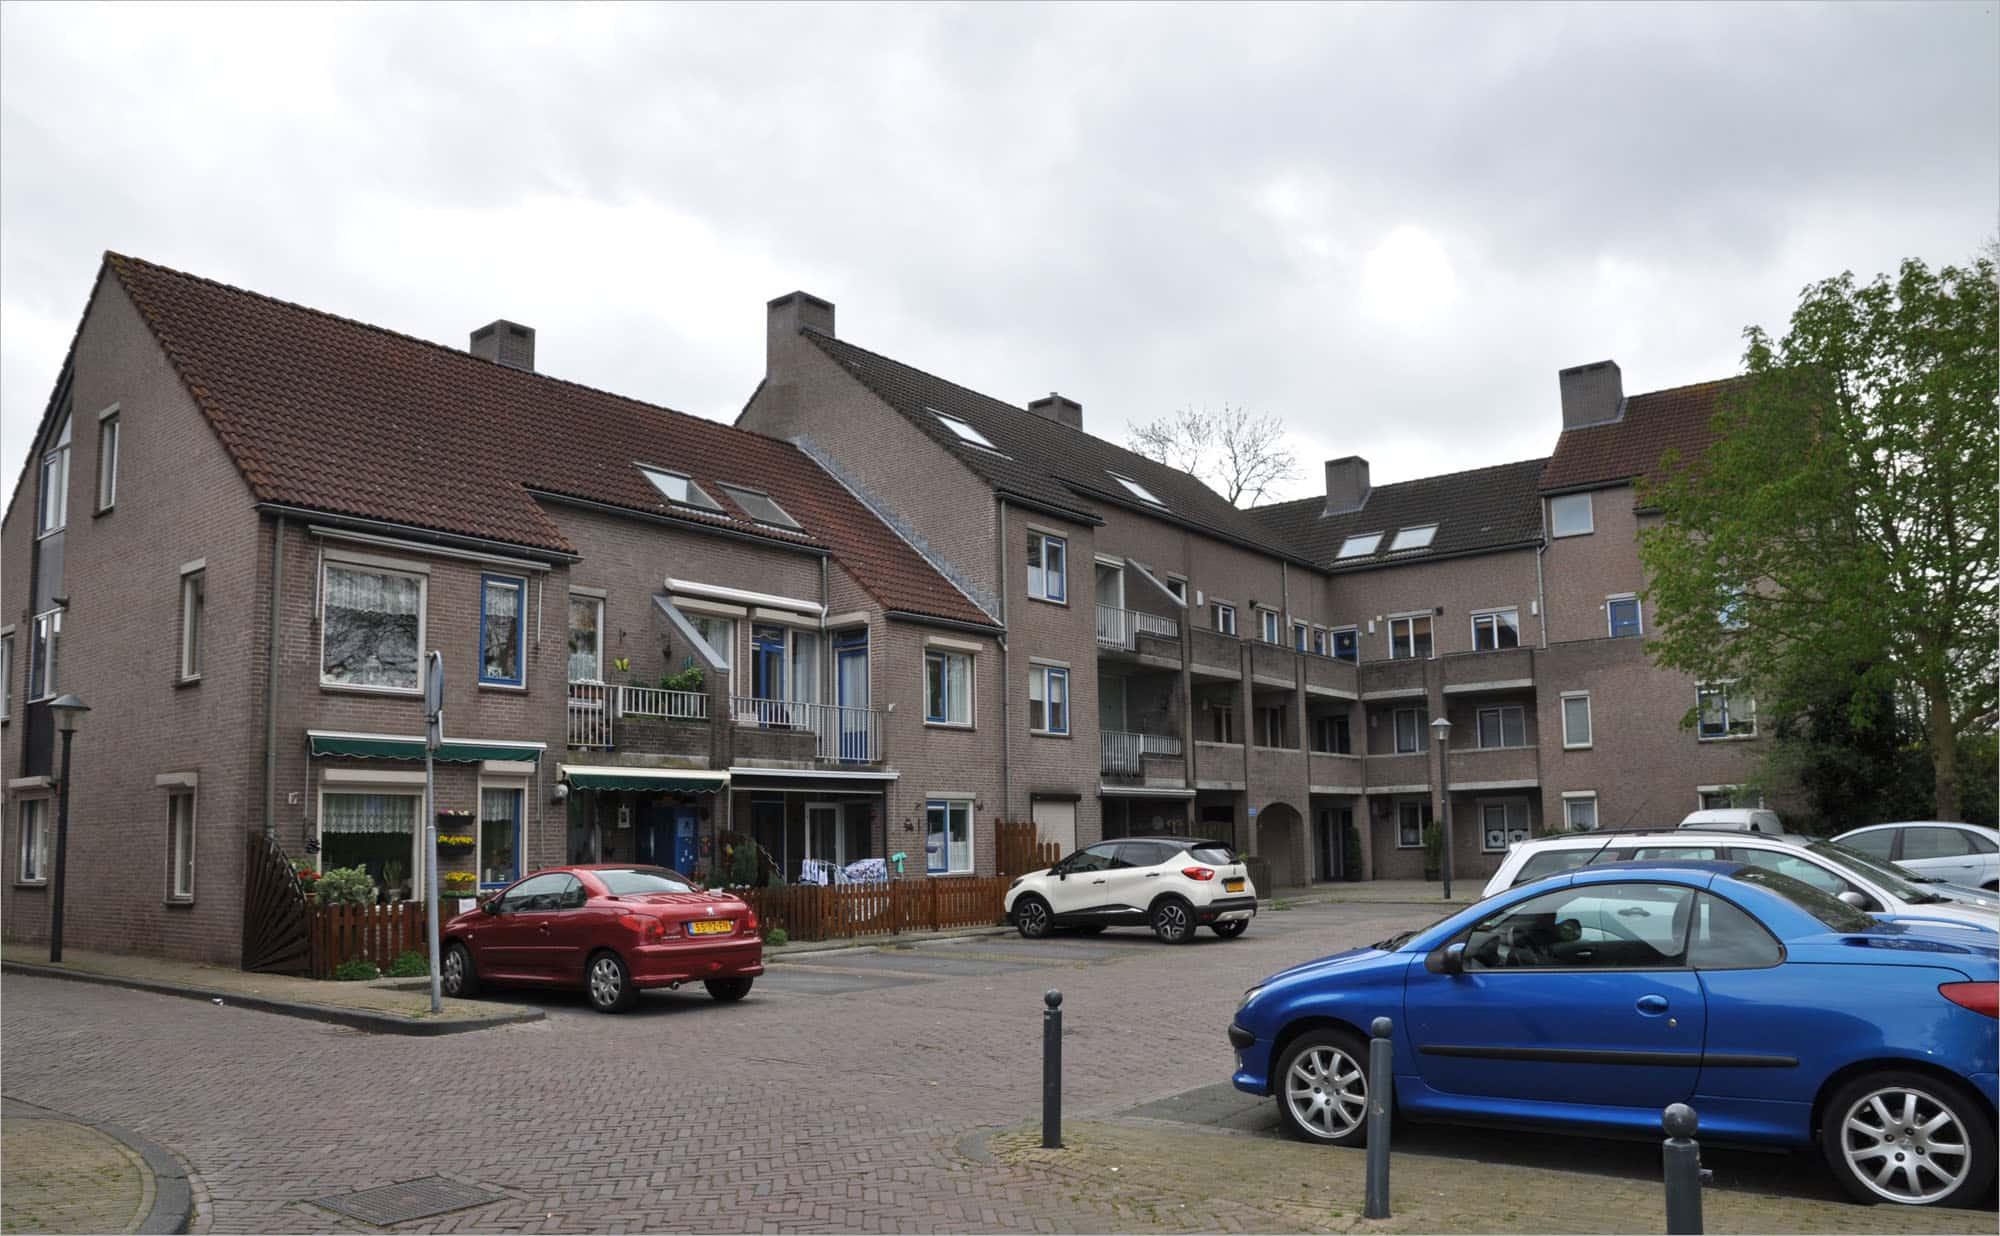 Schuttersgracht Krabsteeg Gorinchem